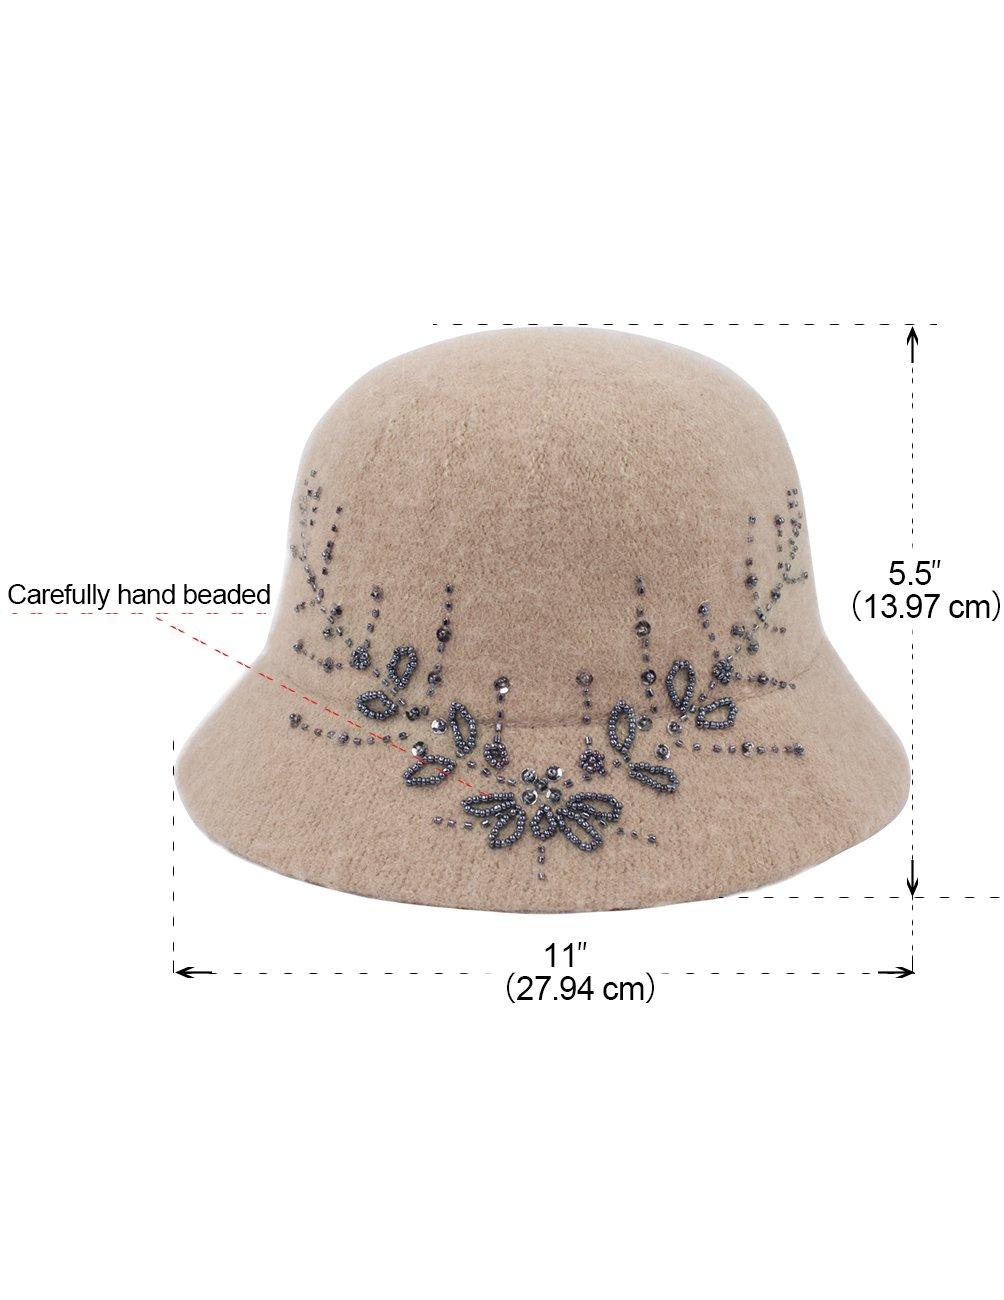 Dahlia Women's Wool Blend Hand Beaded Winter Bucket Hat/Cloche Hat - Tan by Dahlia (Image #6)